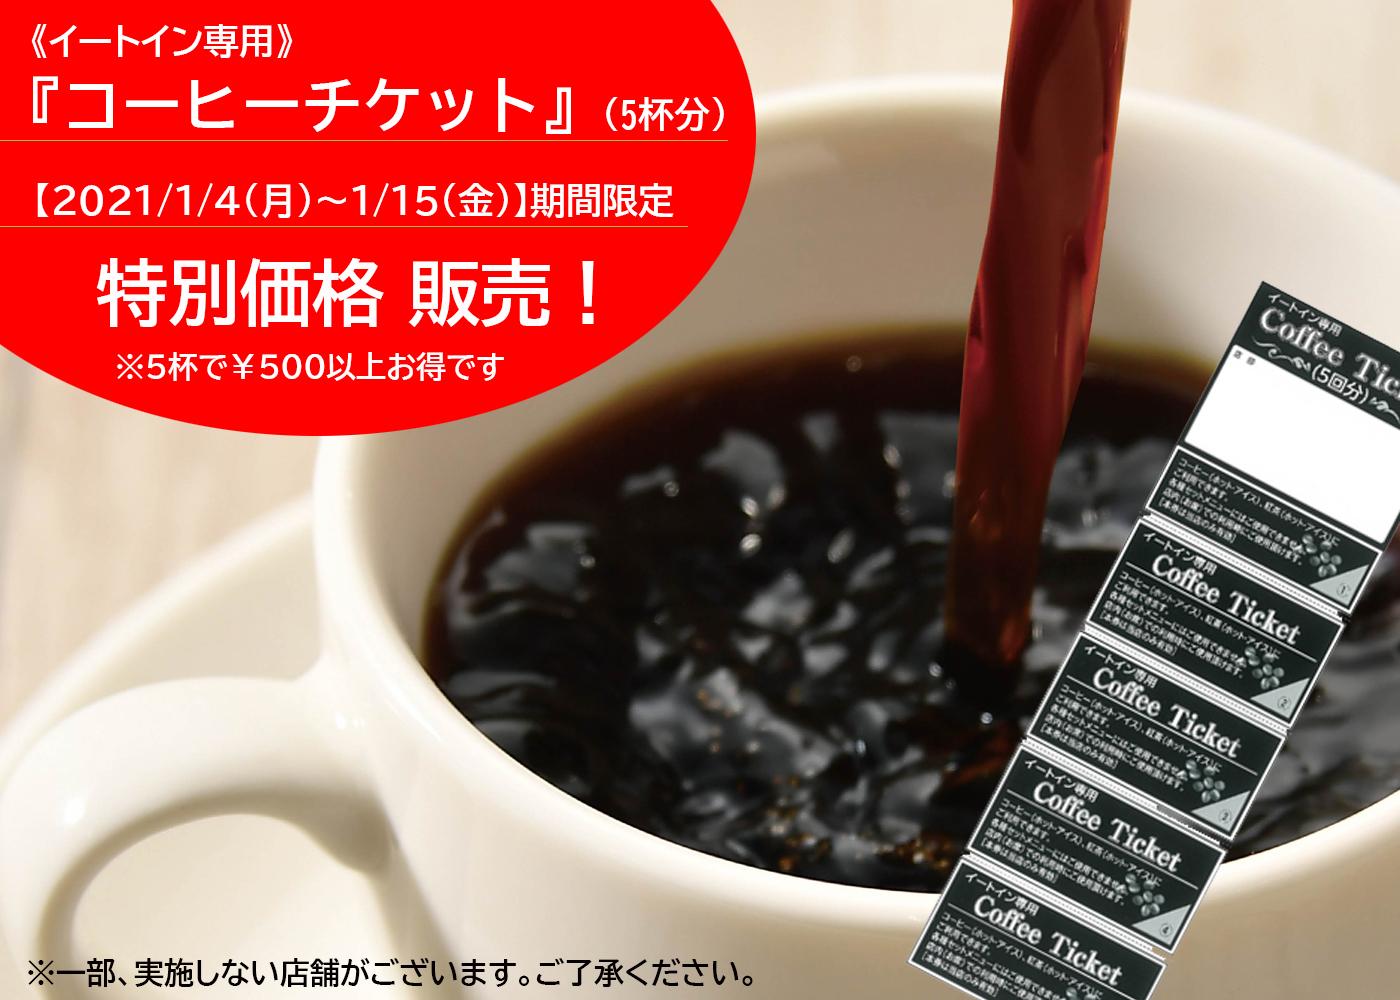 【期間限定1/4~15】『コーヒーチケット』特別価格販売